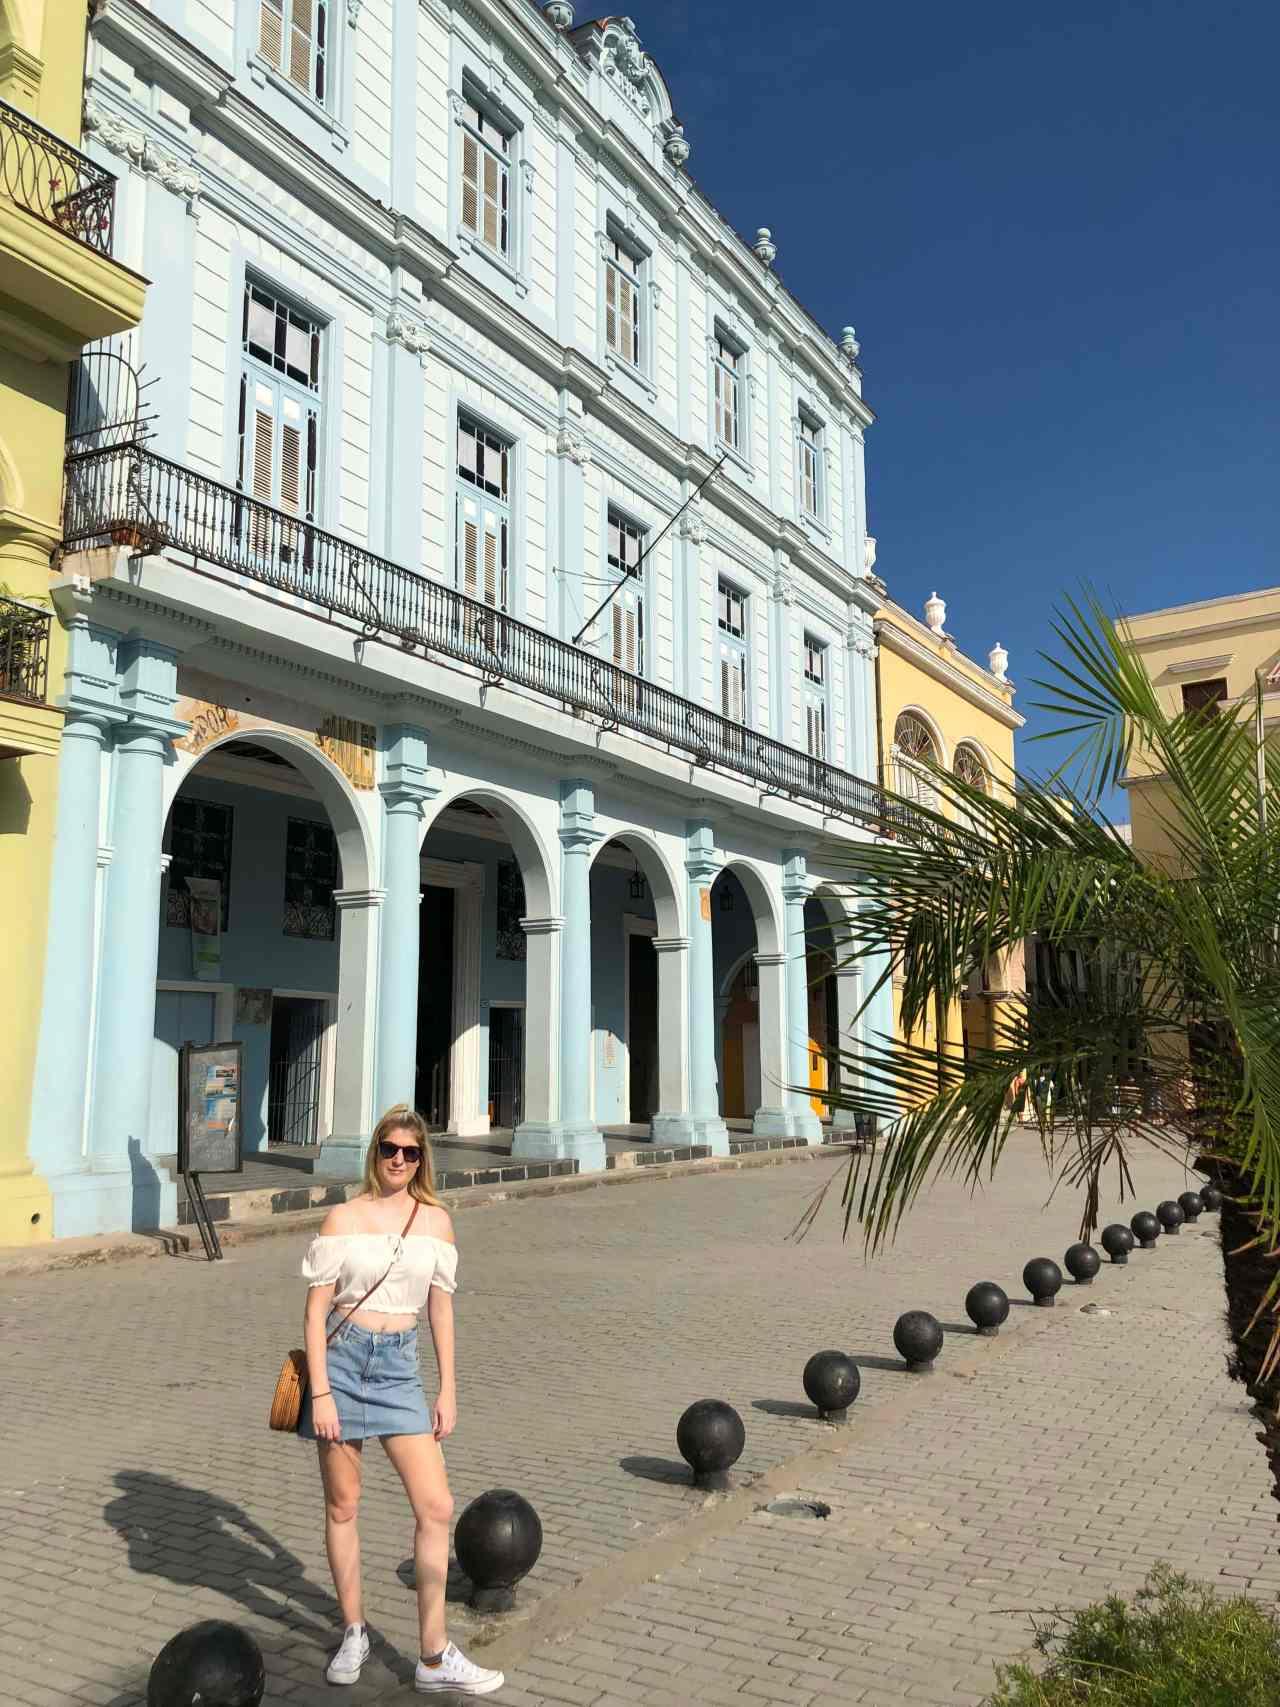 Plaja de Vieja Havana